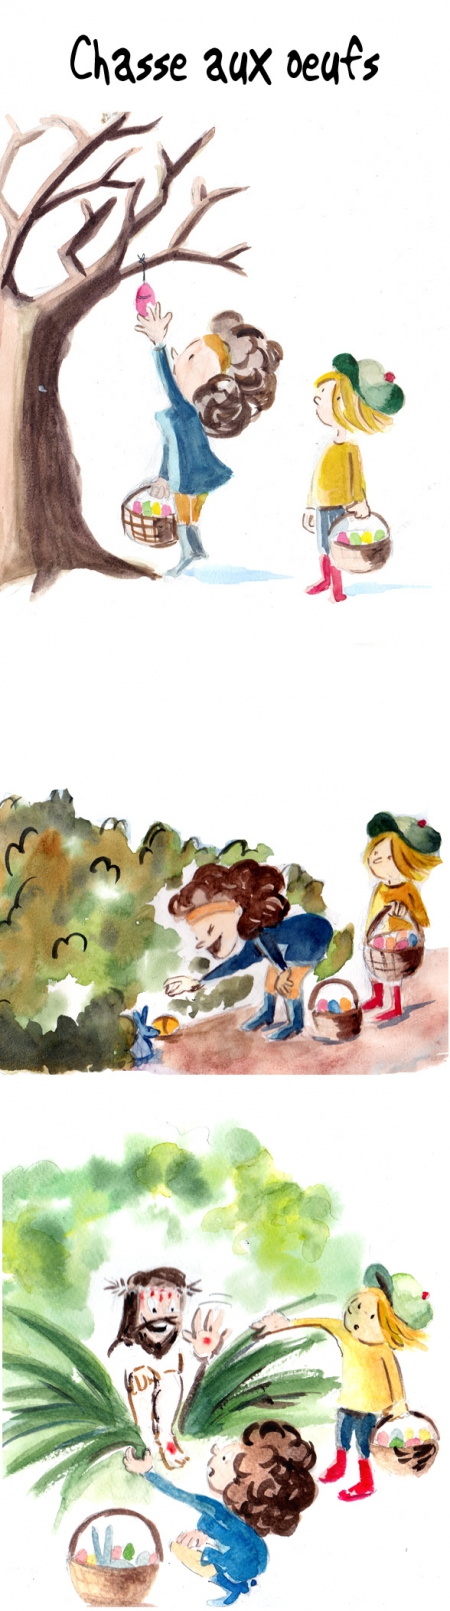 webzine,bd,gratuit,zébra,bande-dessinée,fanzine,strip,lola,aurélie dekeyser,chasse aux oeufs,jésus,pâques